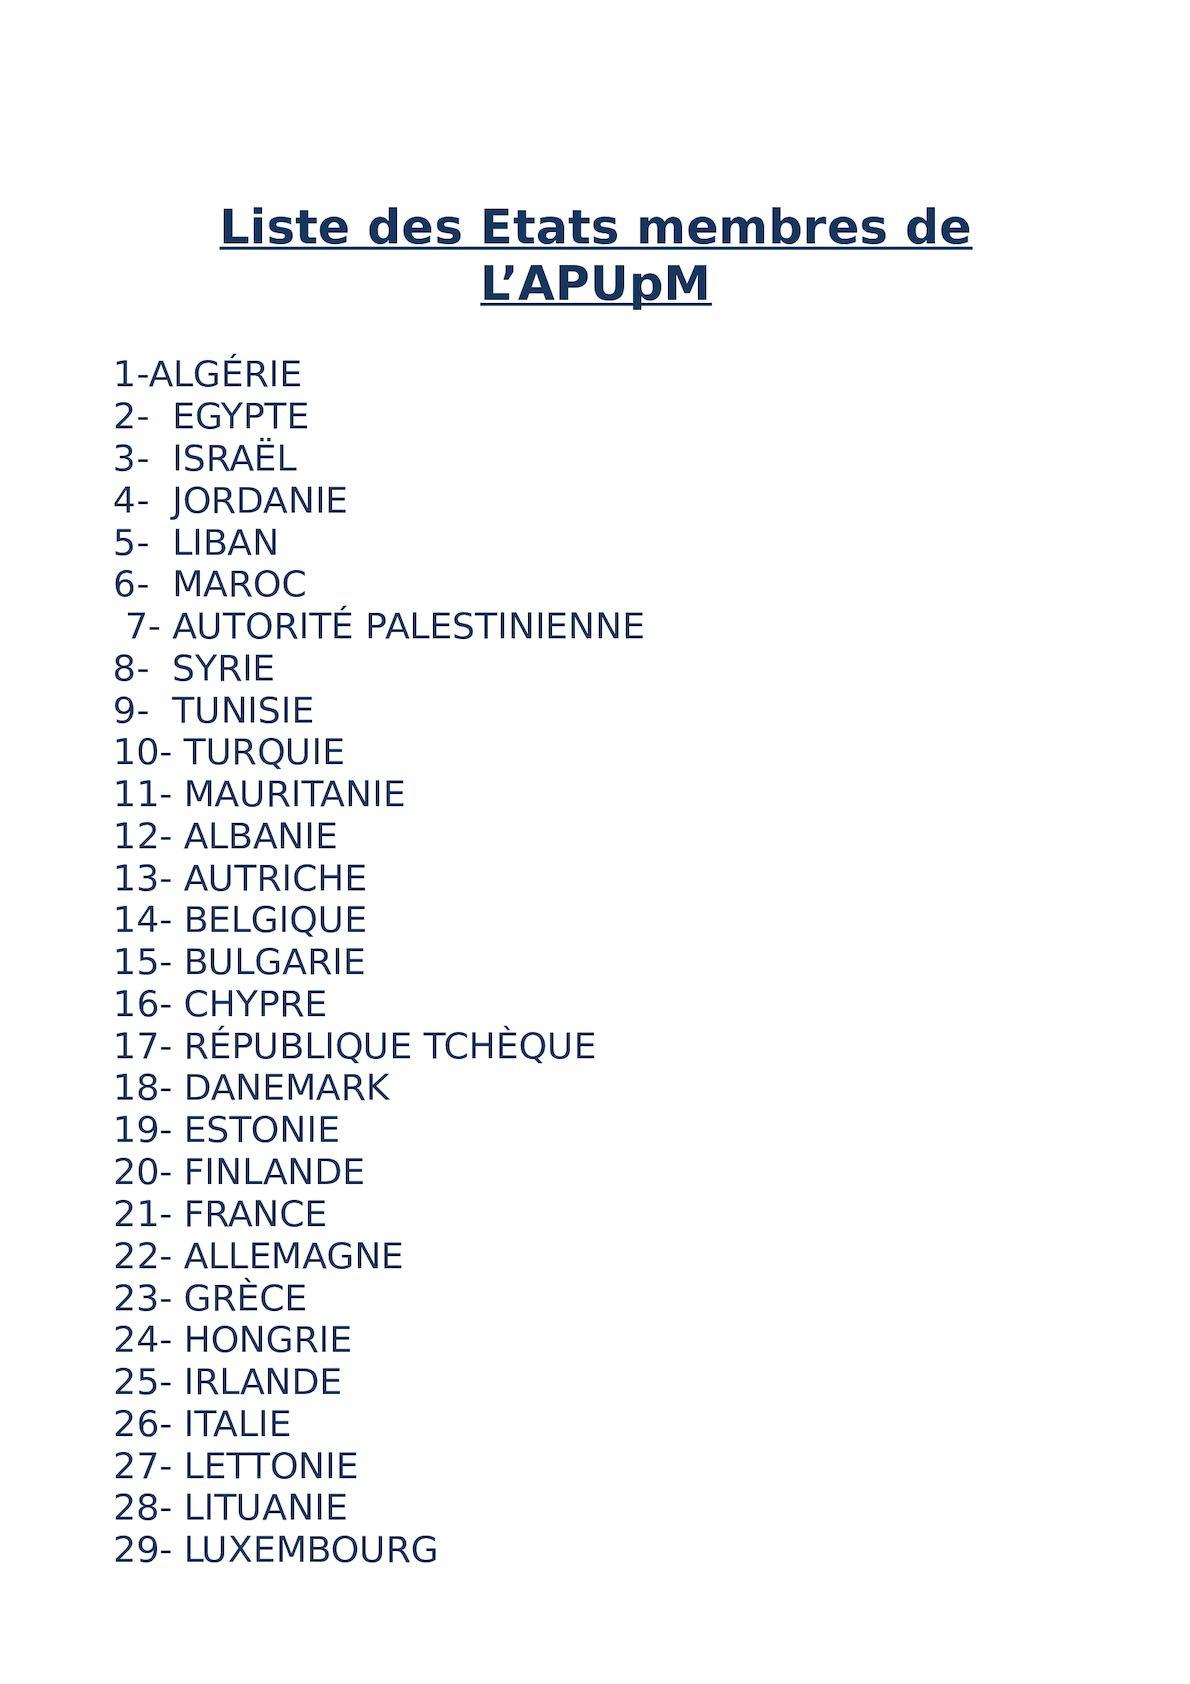 Liste Des Etats Membres De LAP UPM